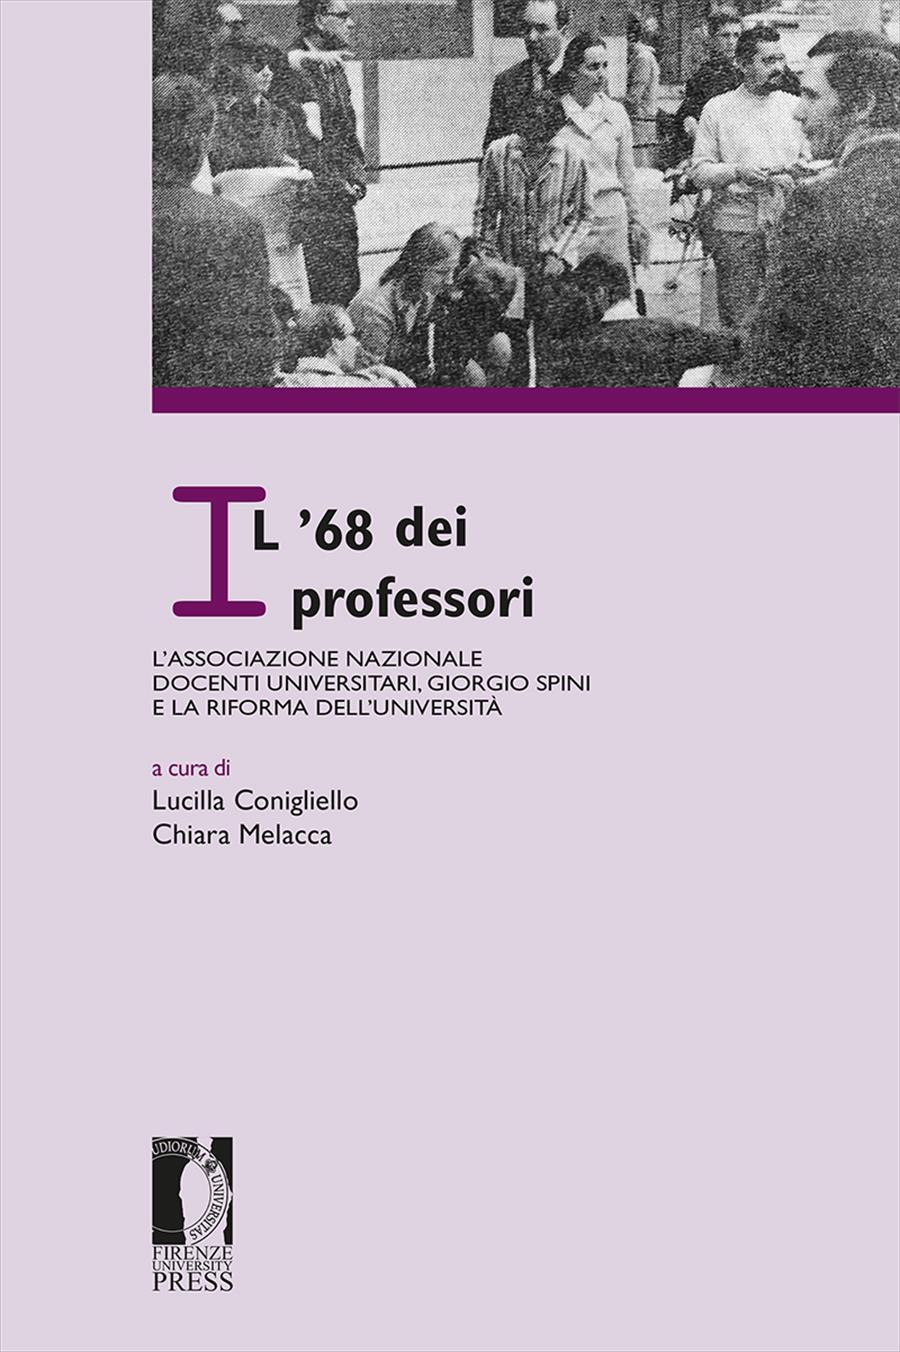 Il '68 dei professori: l'Associazione nazionale docenti universitari, Giorgio Spini e la riforma dell'Università